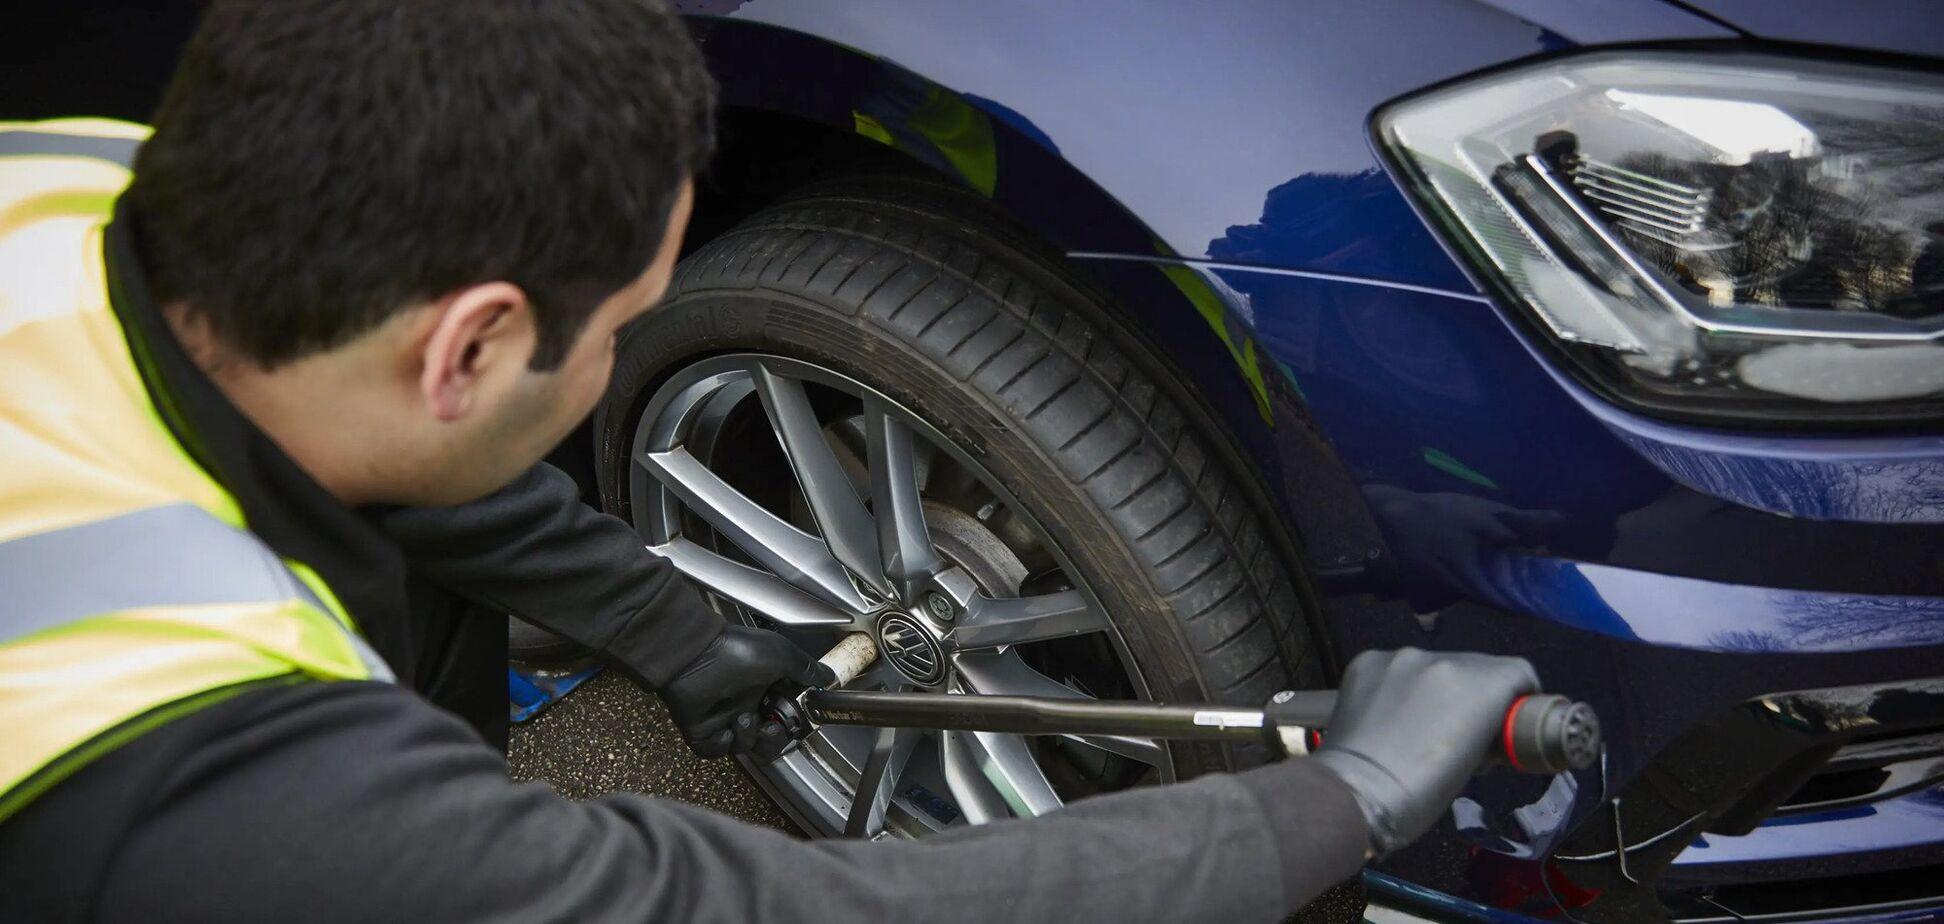 Перевзування авто: 7 найпоширеніших помилок, які допускають водії